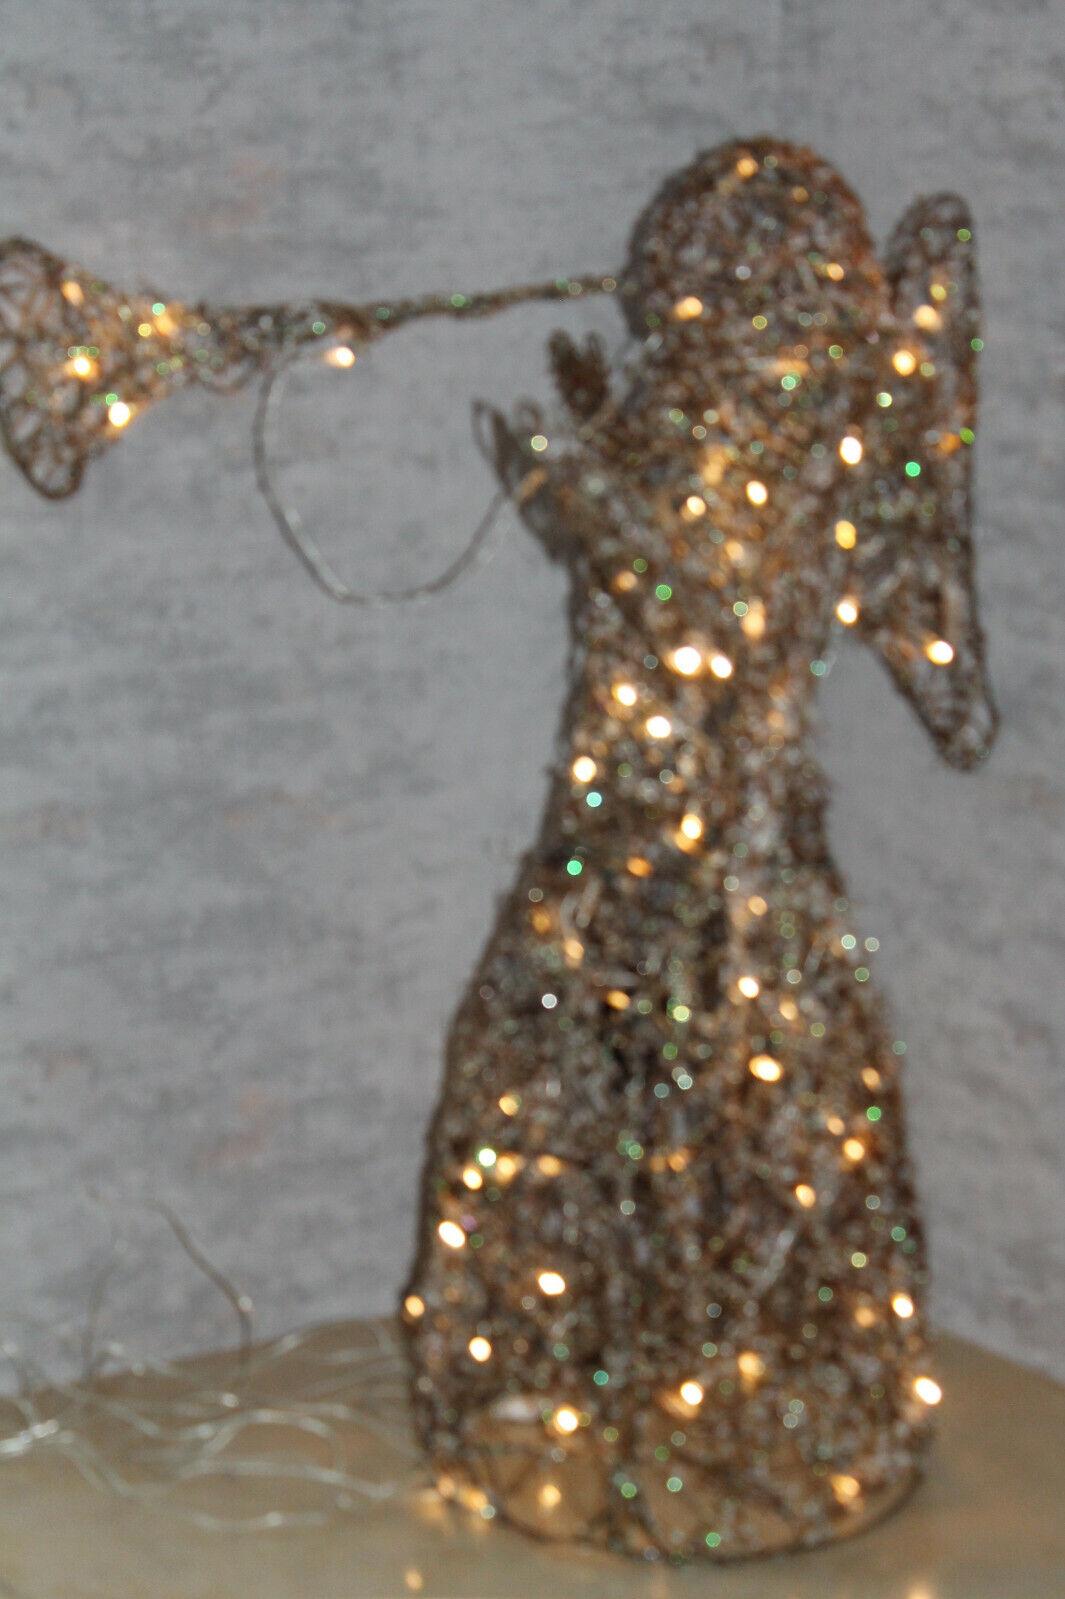 Rattan Engel mit Trompete stehend beleuchtet LED Weihnachtsbeleuchtung groß